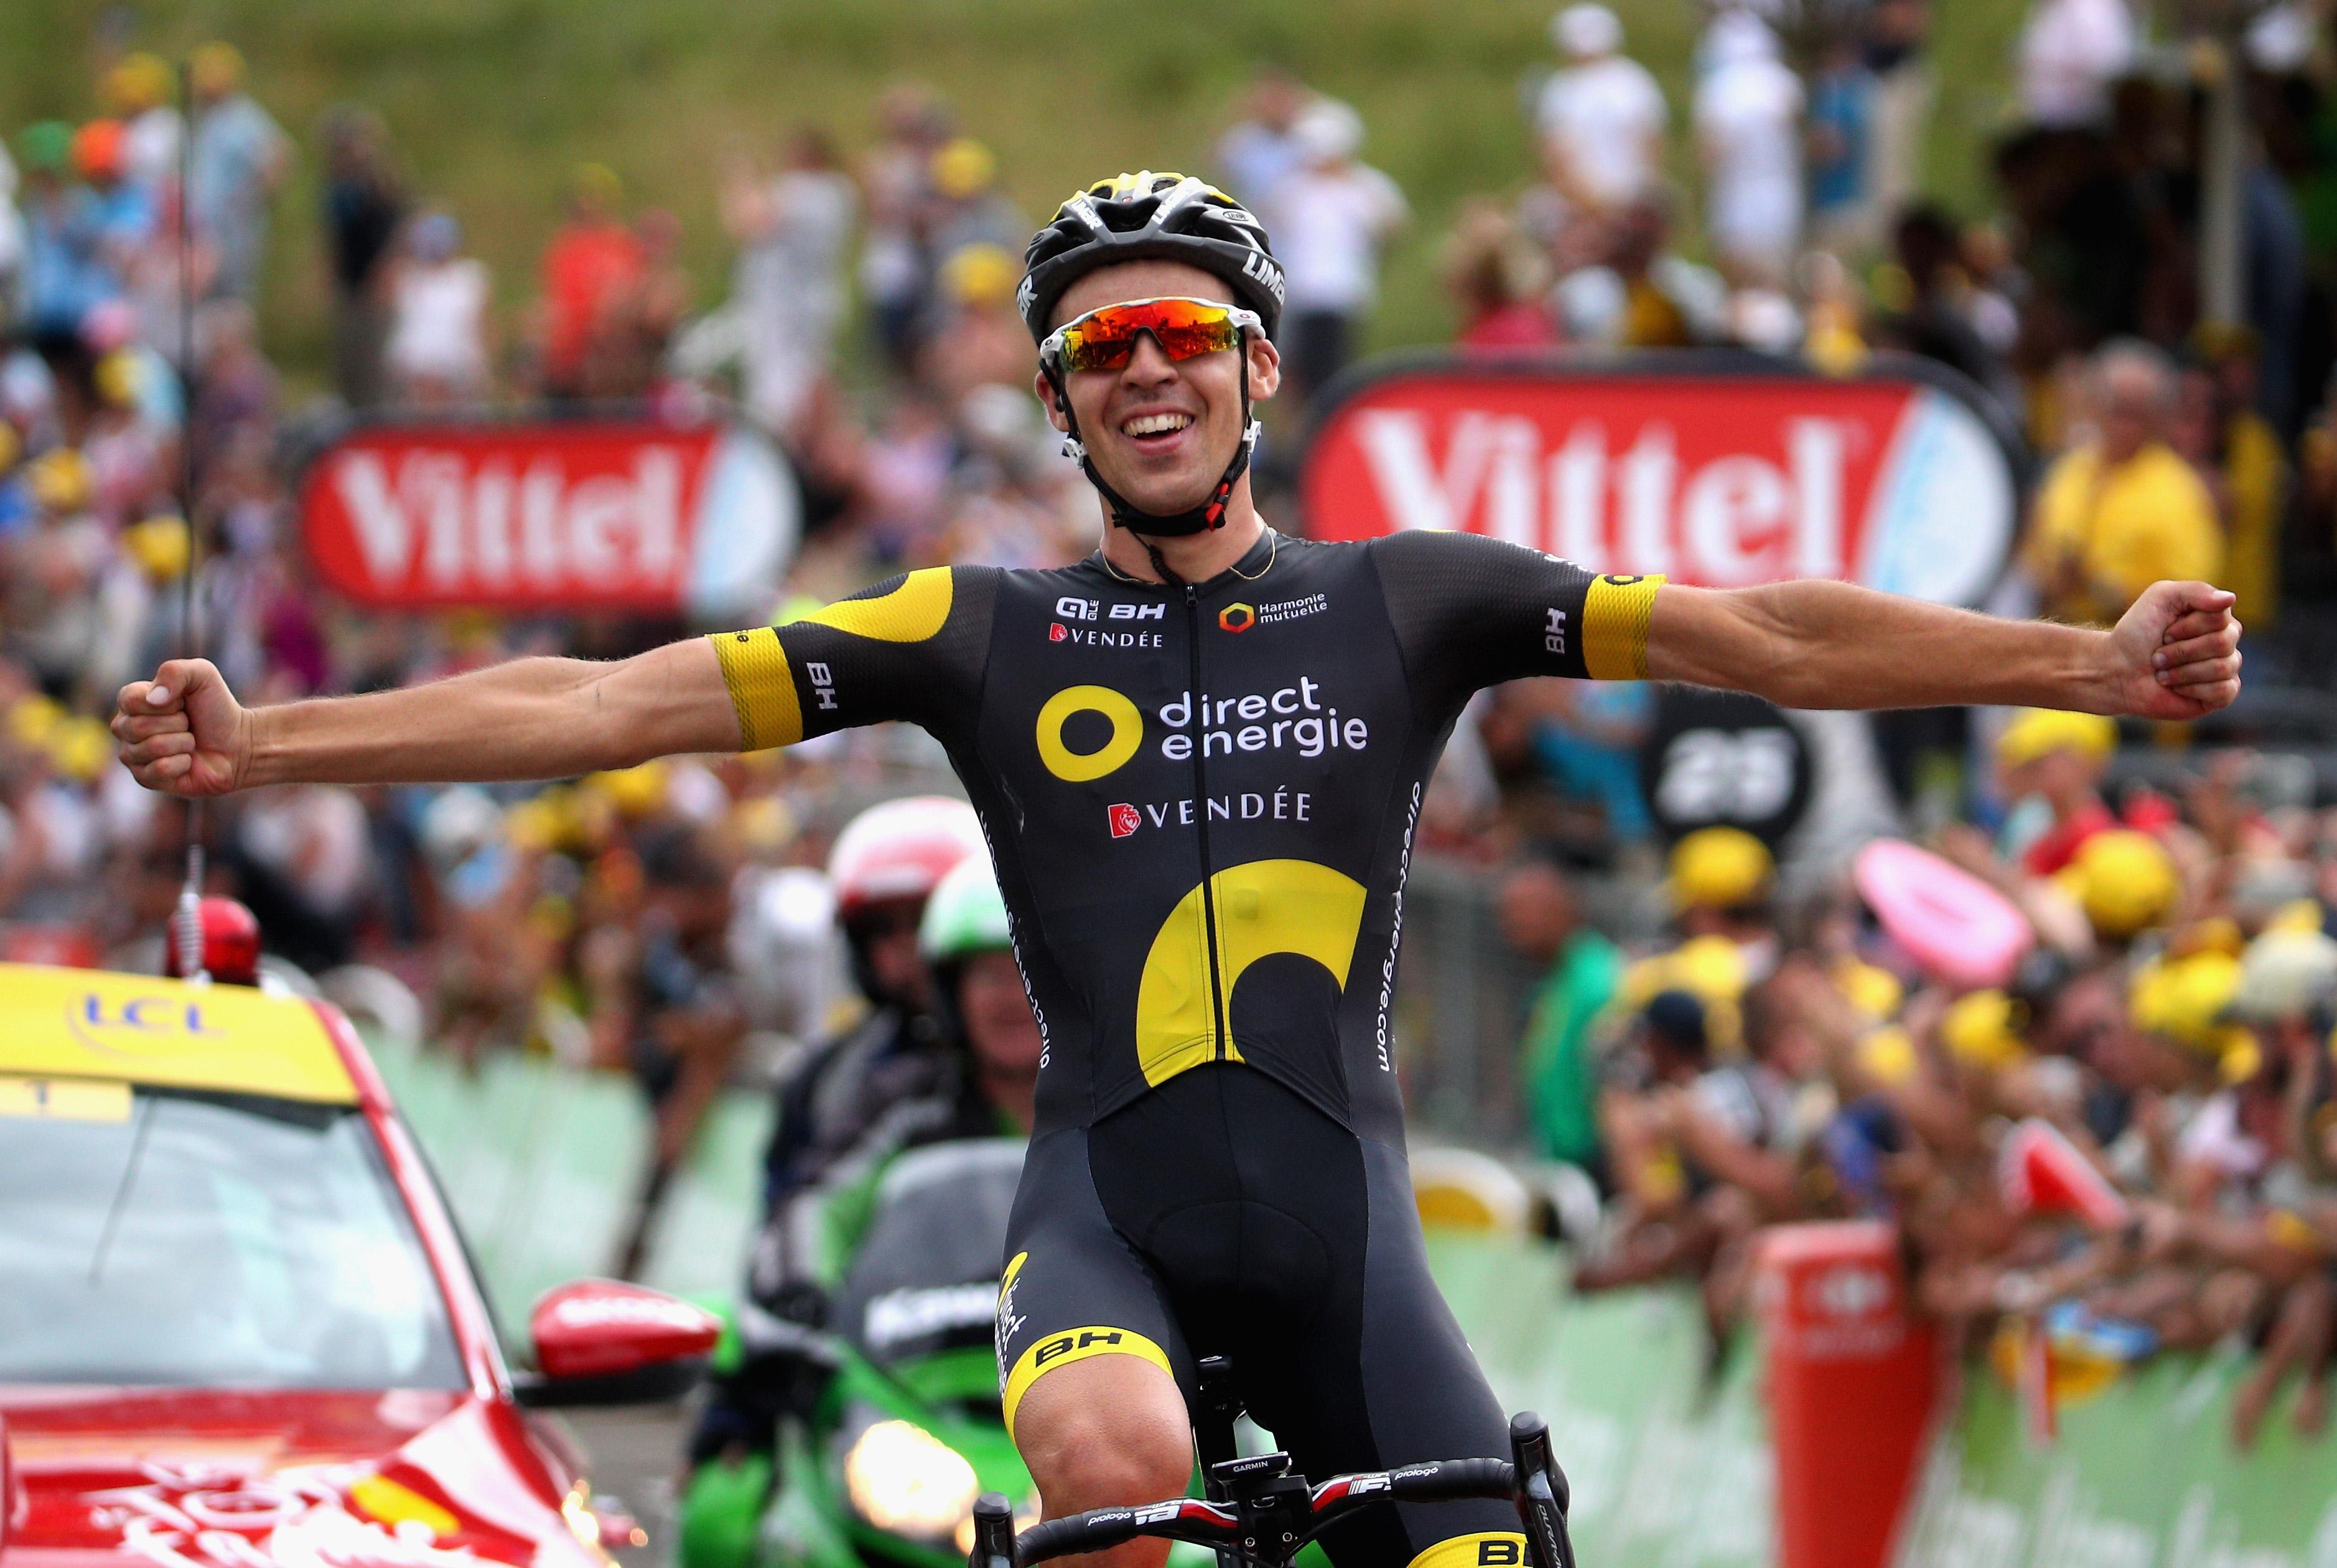 Le Tour de France 2017 - Stage Eight calmejane